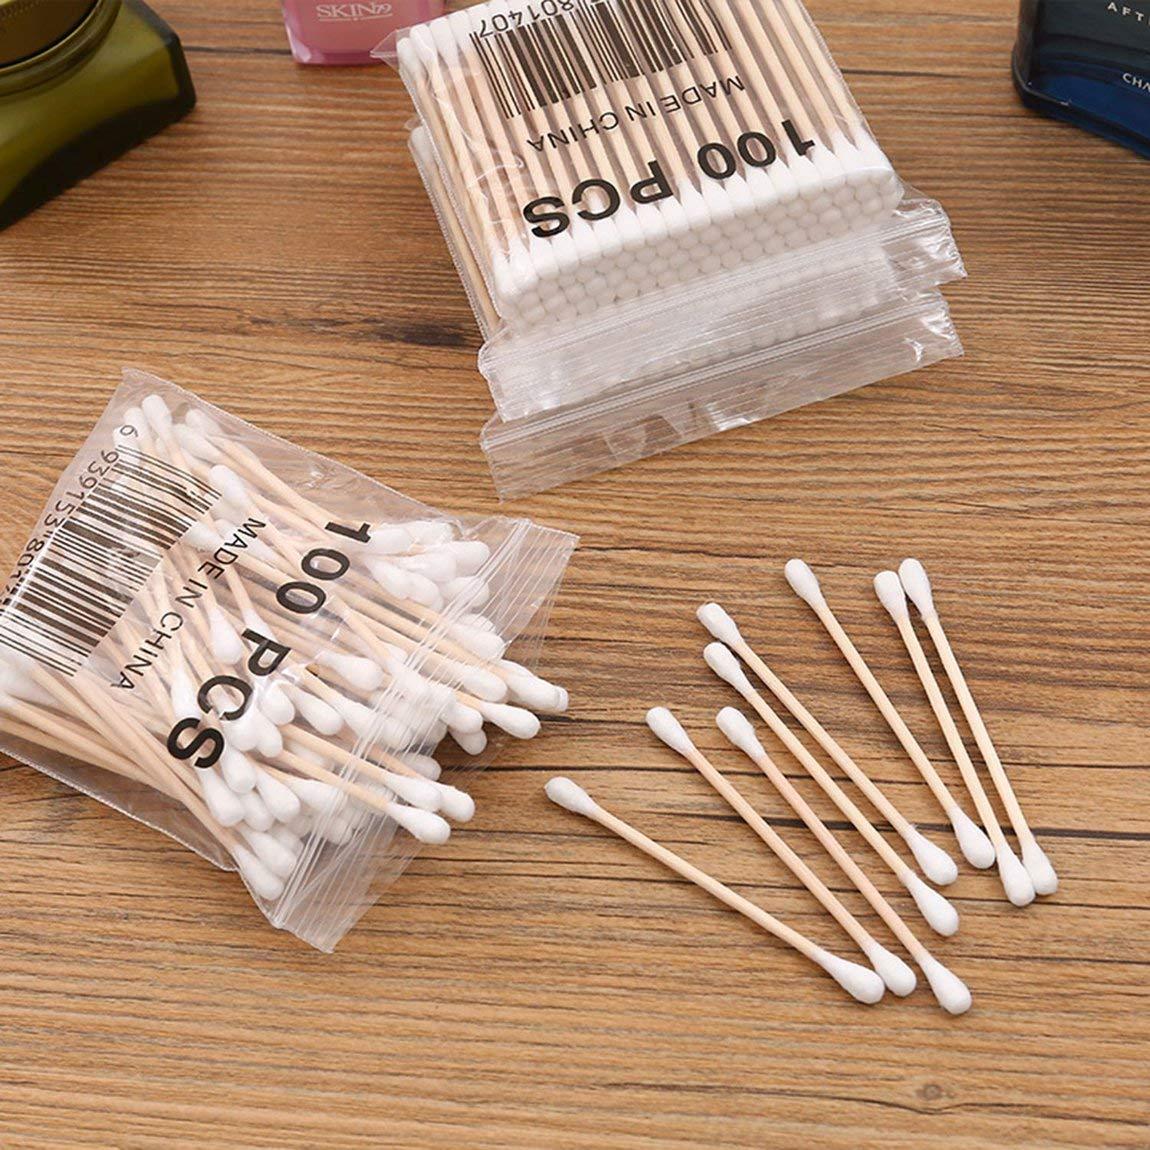 farbe: Wei/ß 100 st/ücke Holzstab Wattest/äbchen Applikator Q-tip Doppel Holzgriff Robust